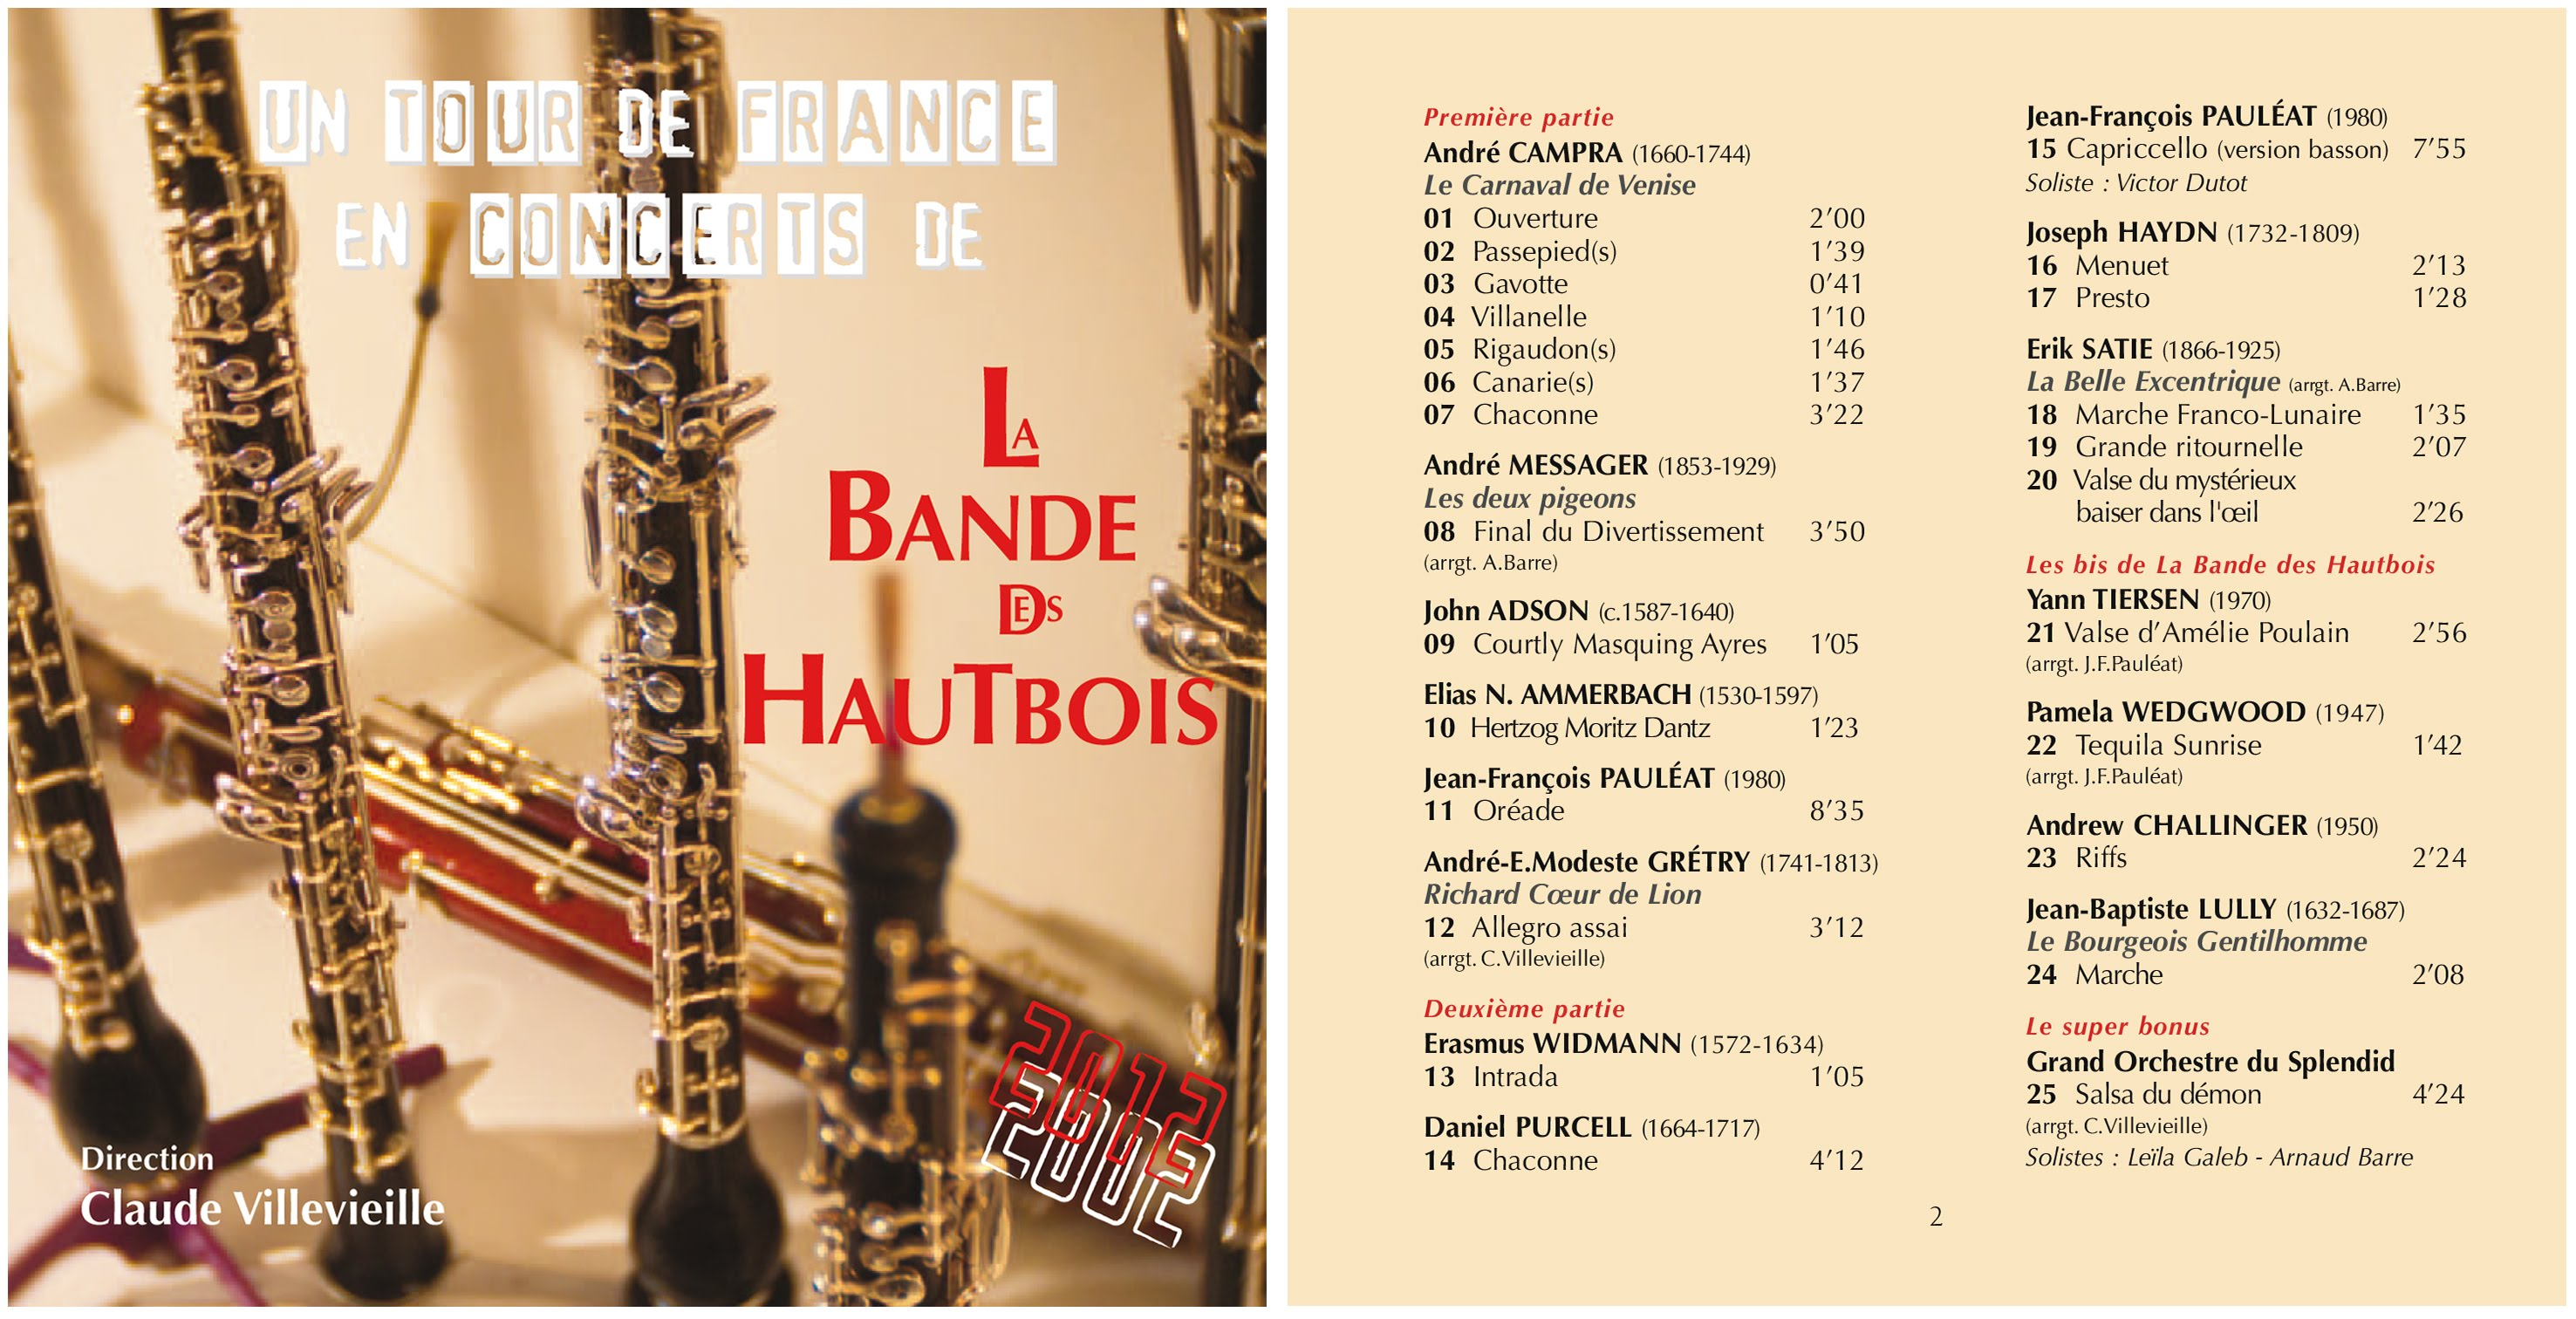 CD-BHA3 : Un TOUR de FRANCE en CONCERTS